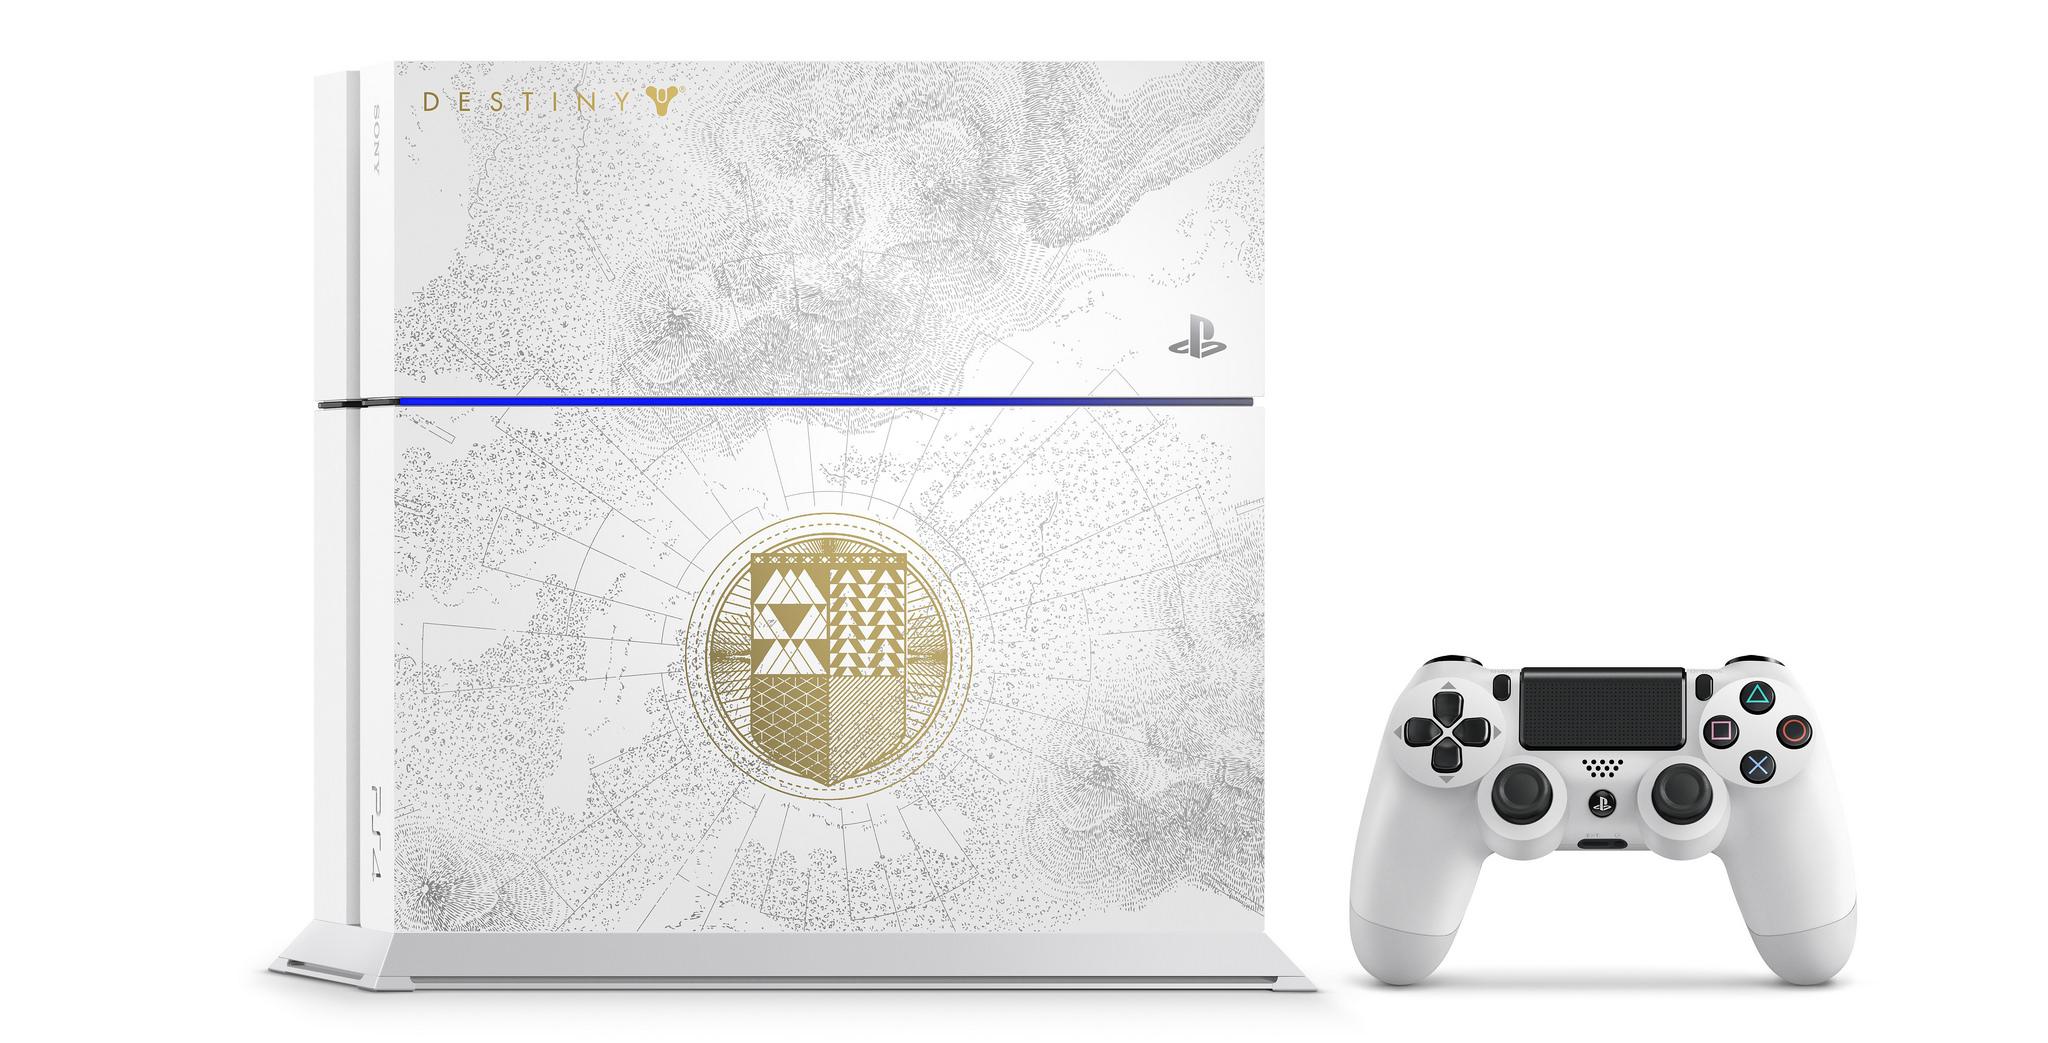 Destiny: Sony bringt eine weiße Limited-Edition der PS4 zu König der Besessenen